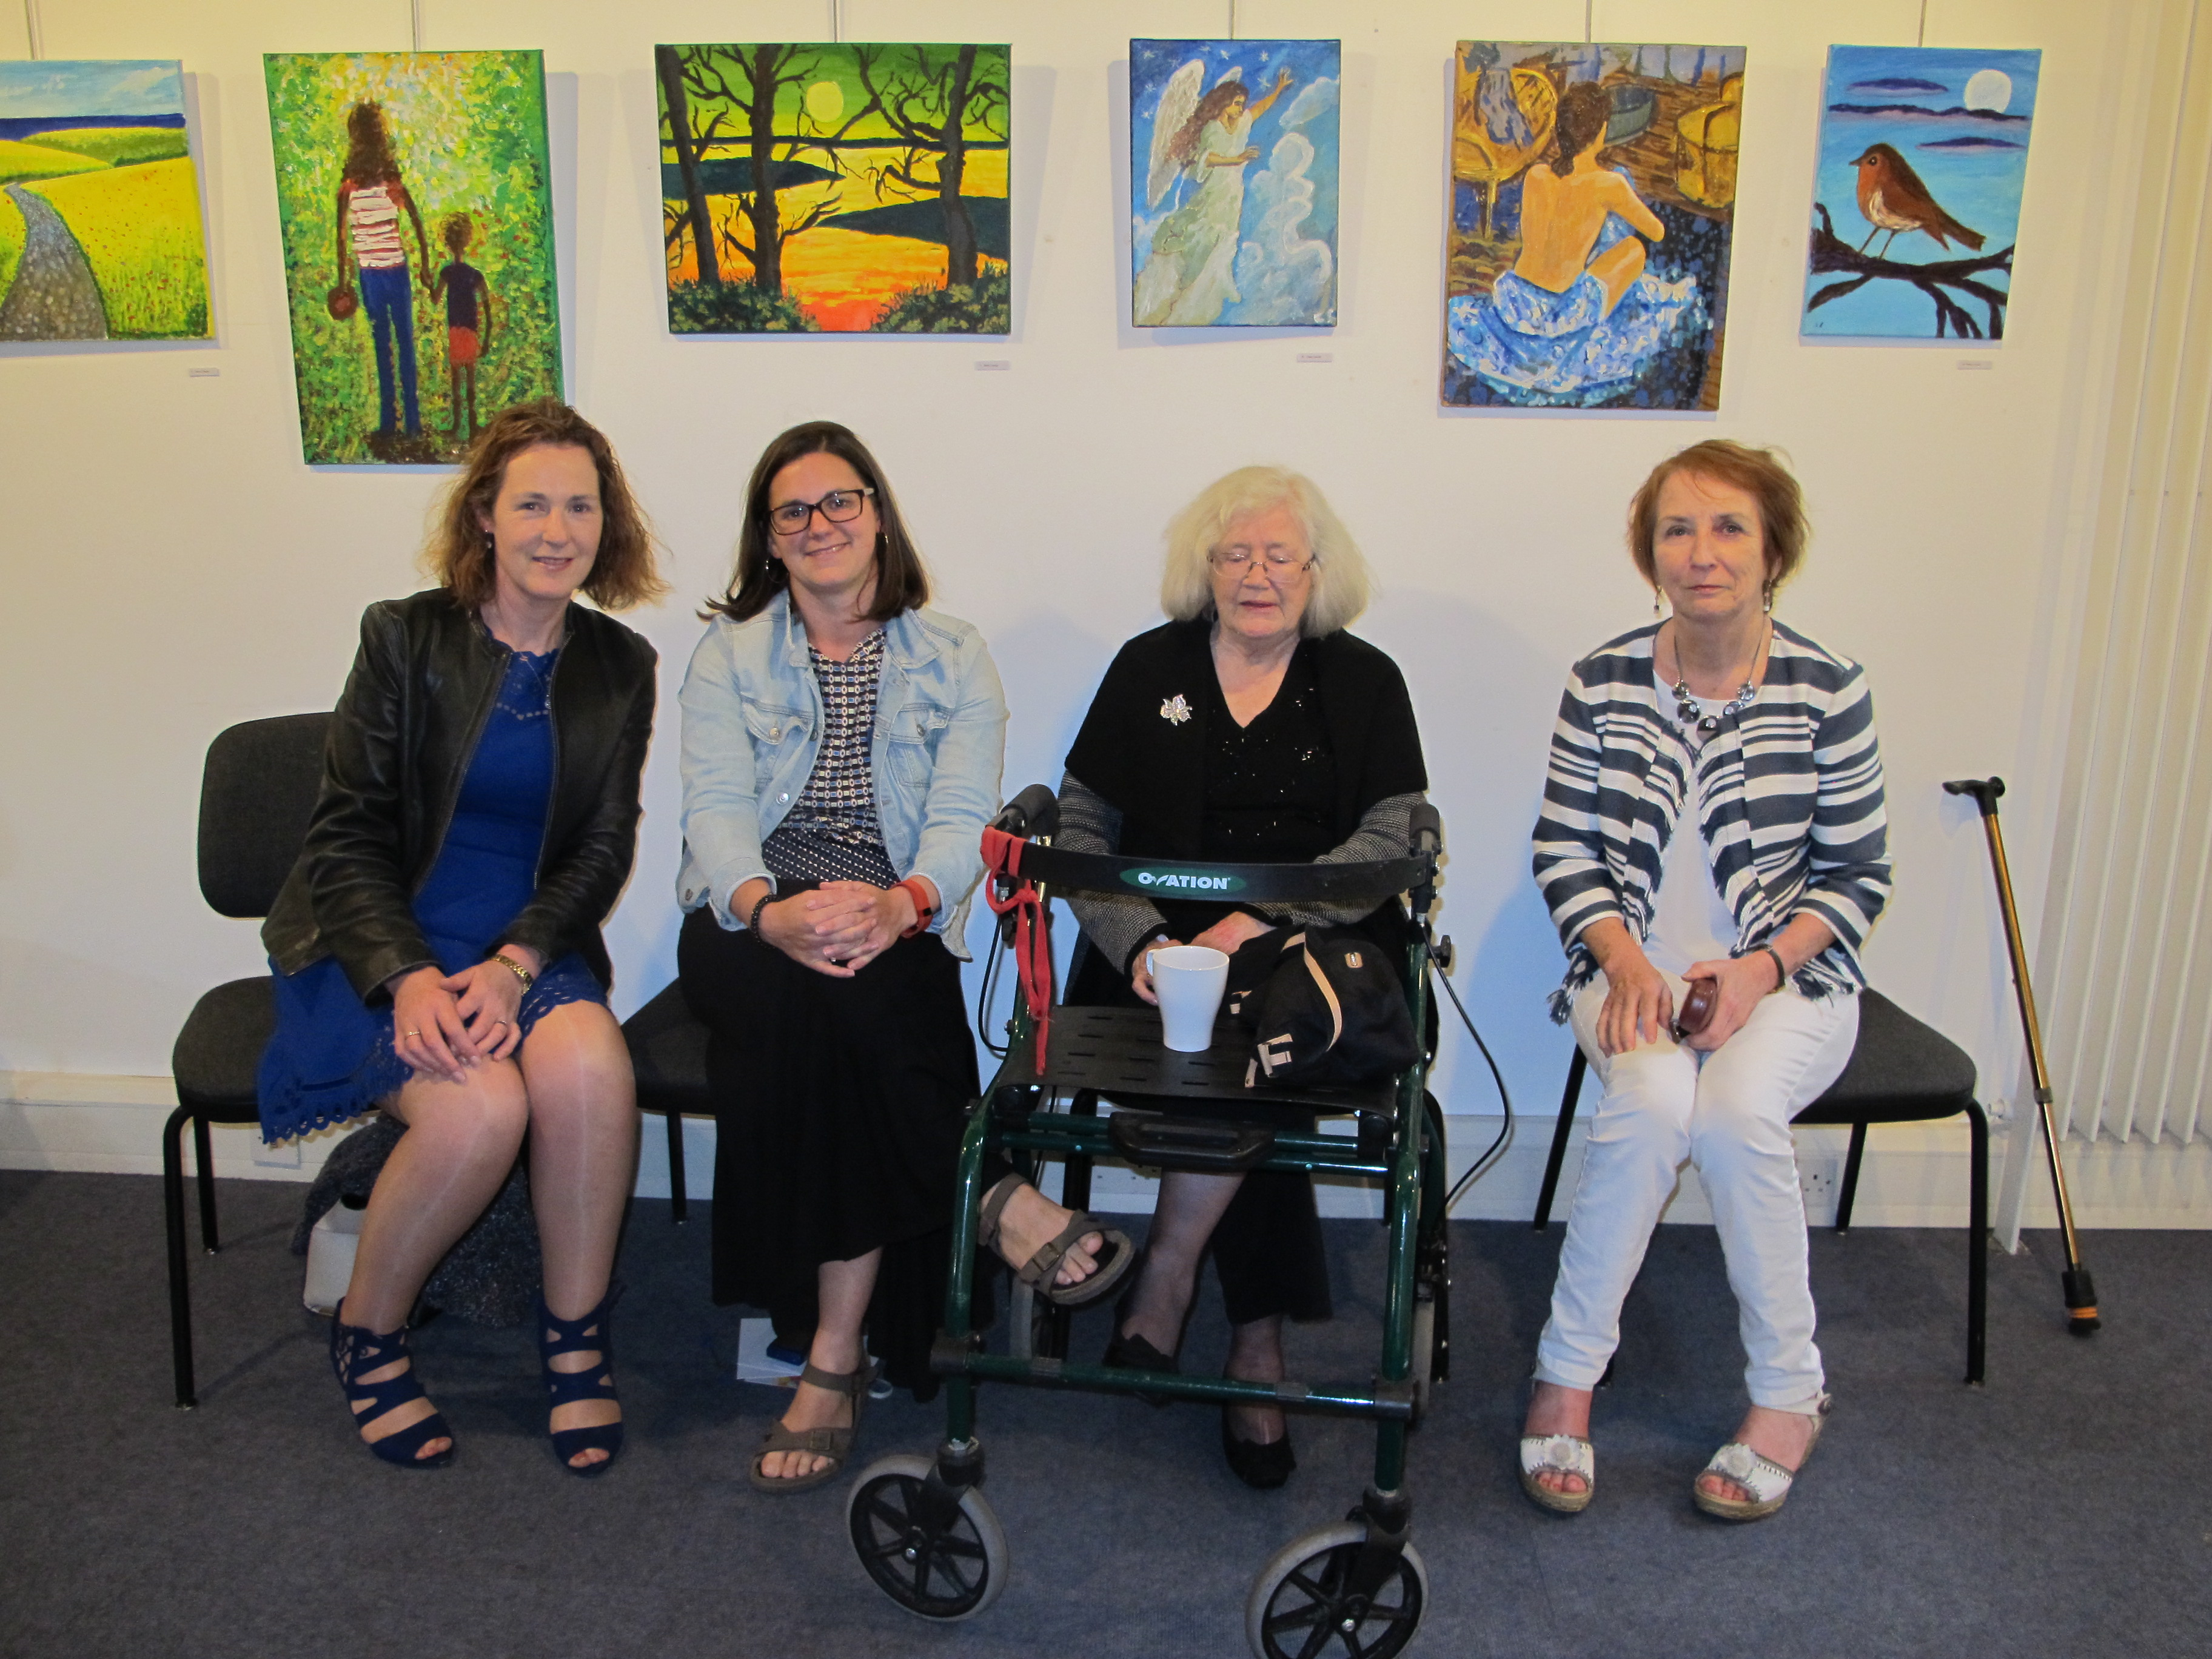 MS Ireland Mid-West Region Art Exhibition